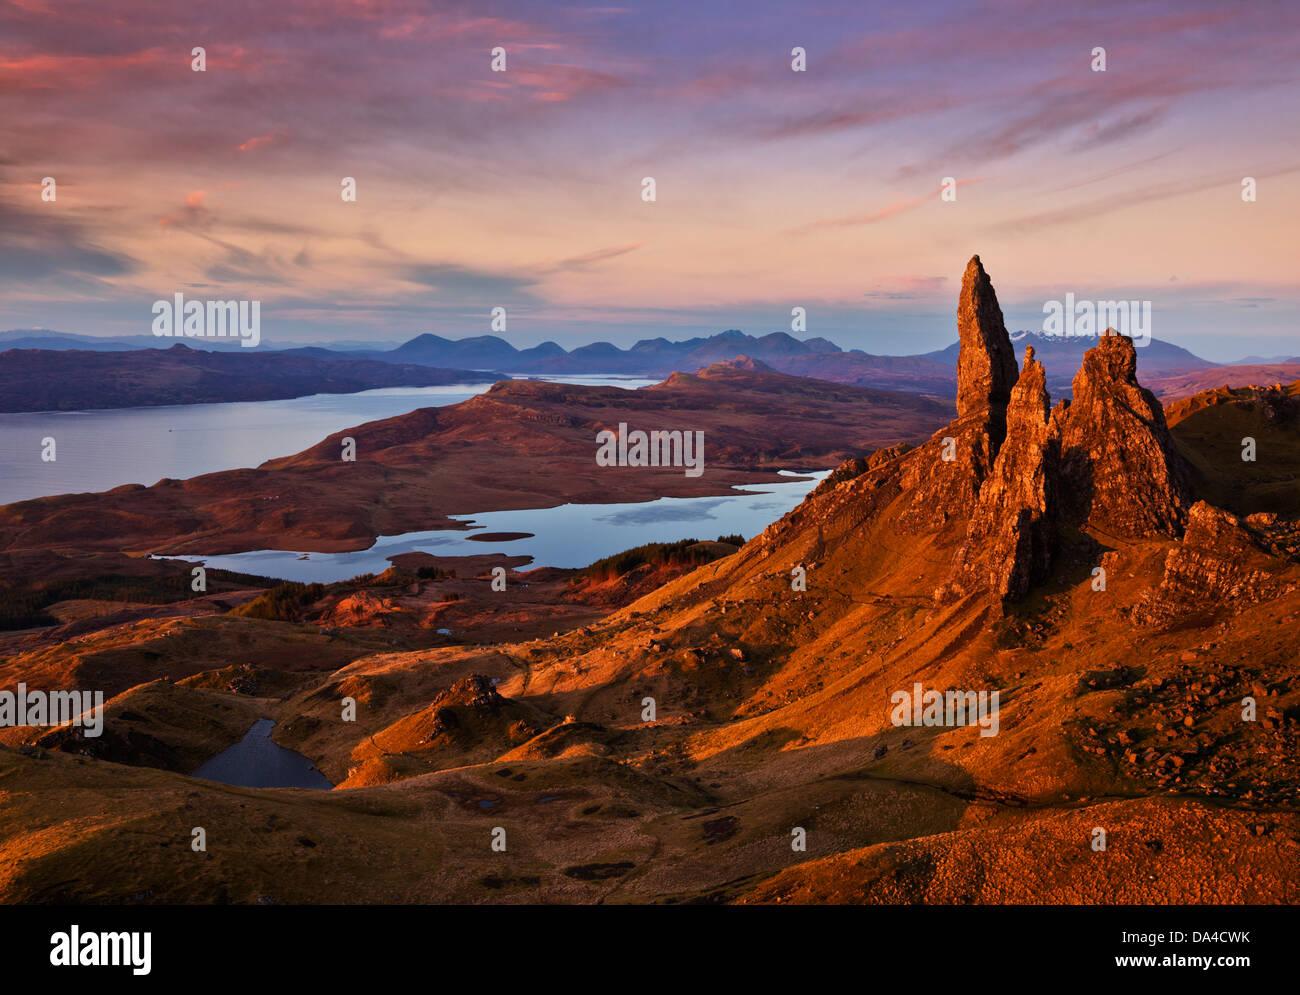 The Old Man of Storr at dawn sunrise Trotternish peninsula Isle of Skye Highlands Scotland UK GB EU Europe - Stock Image